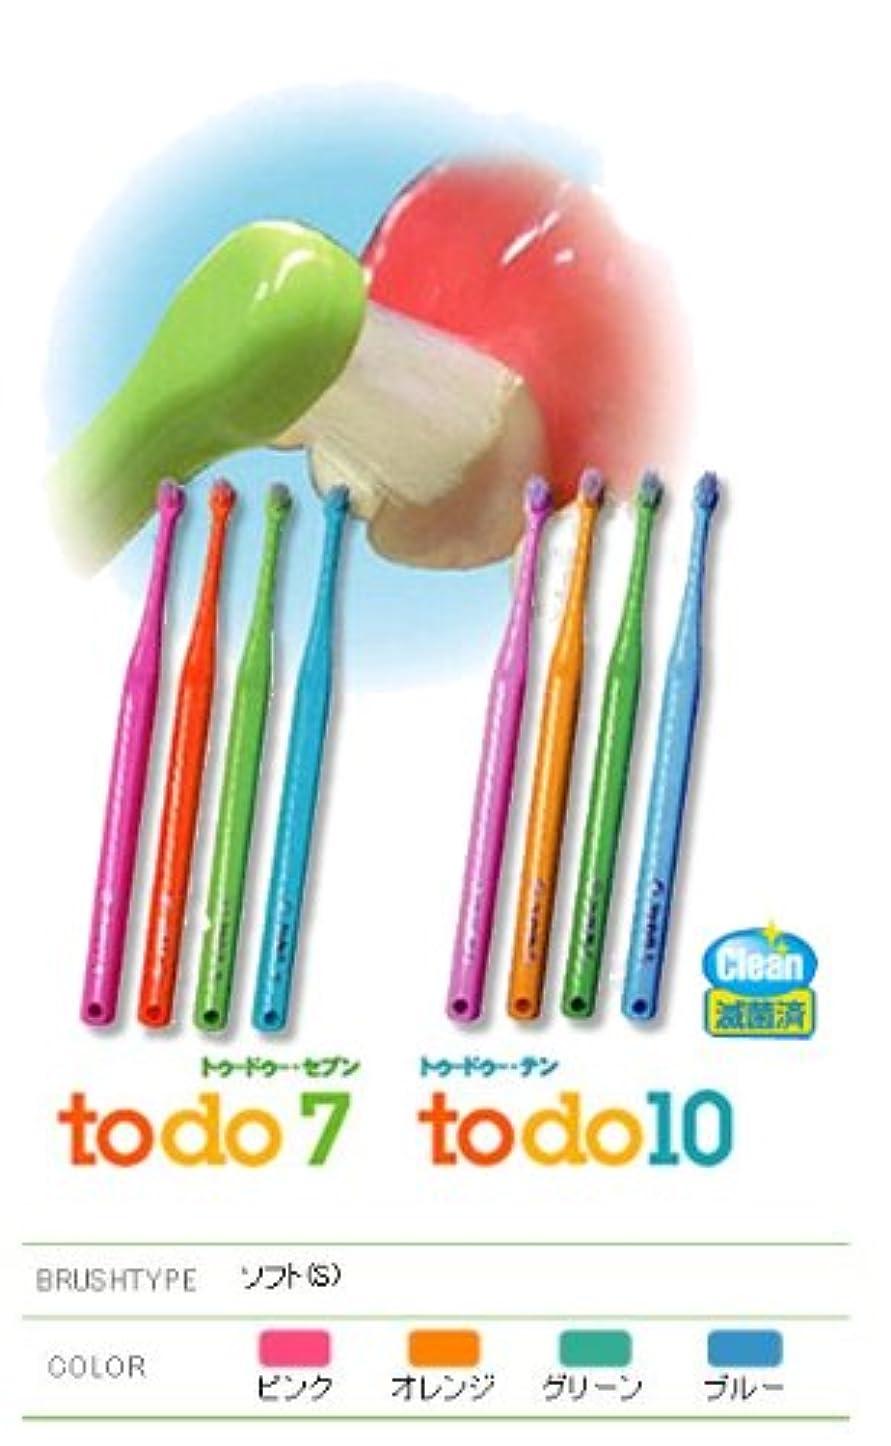 セーター世辞拡大する【オーラルケア】【歯科用】todo7 1箱(24本)【歯ブラシ】【滅菌済】4色(アソート)トゥードゥー?セブン